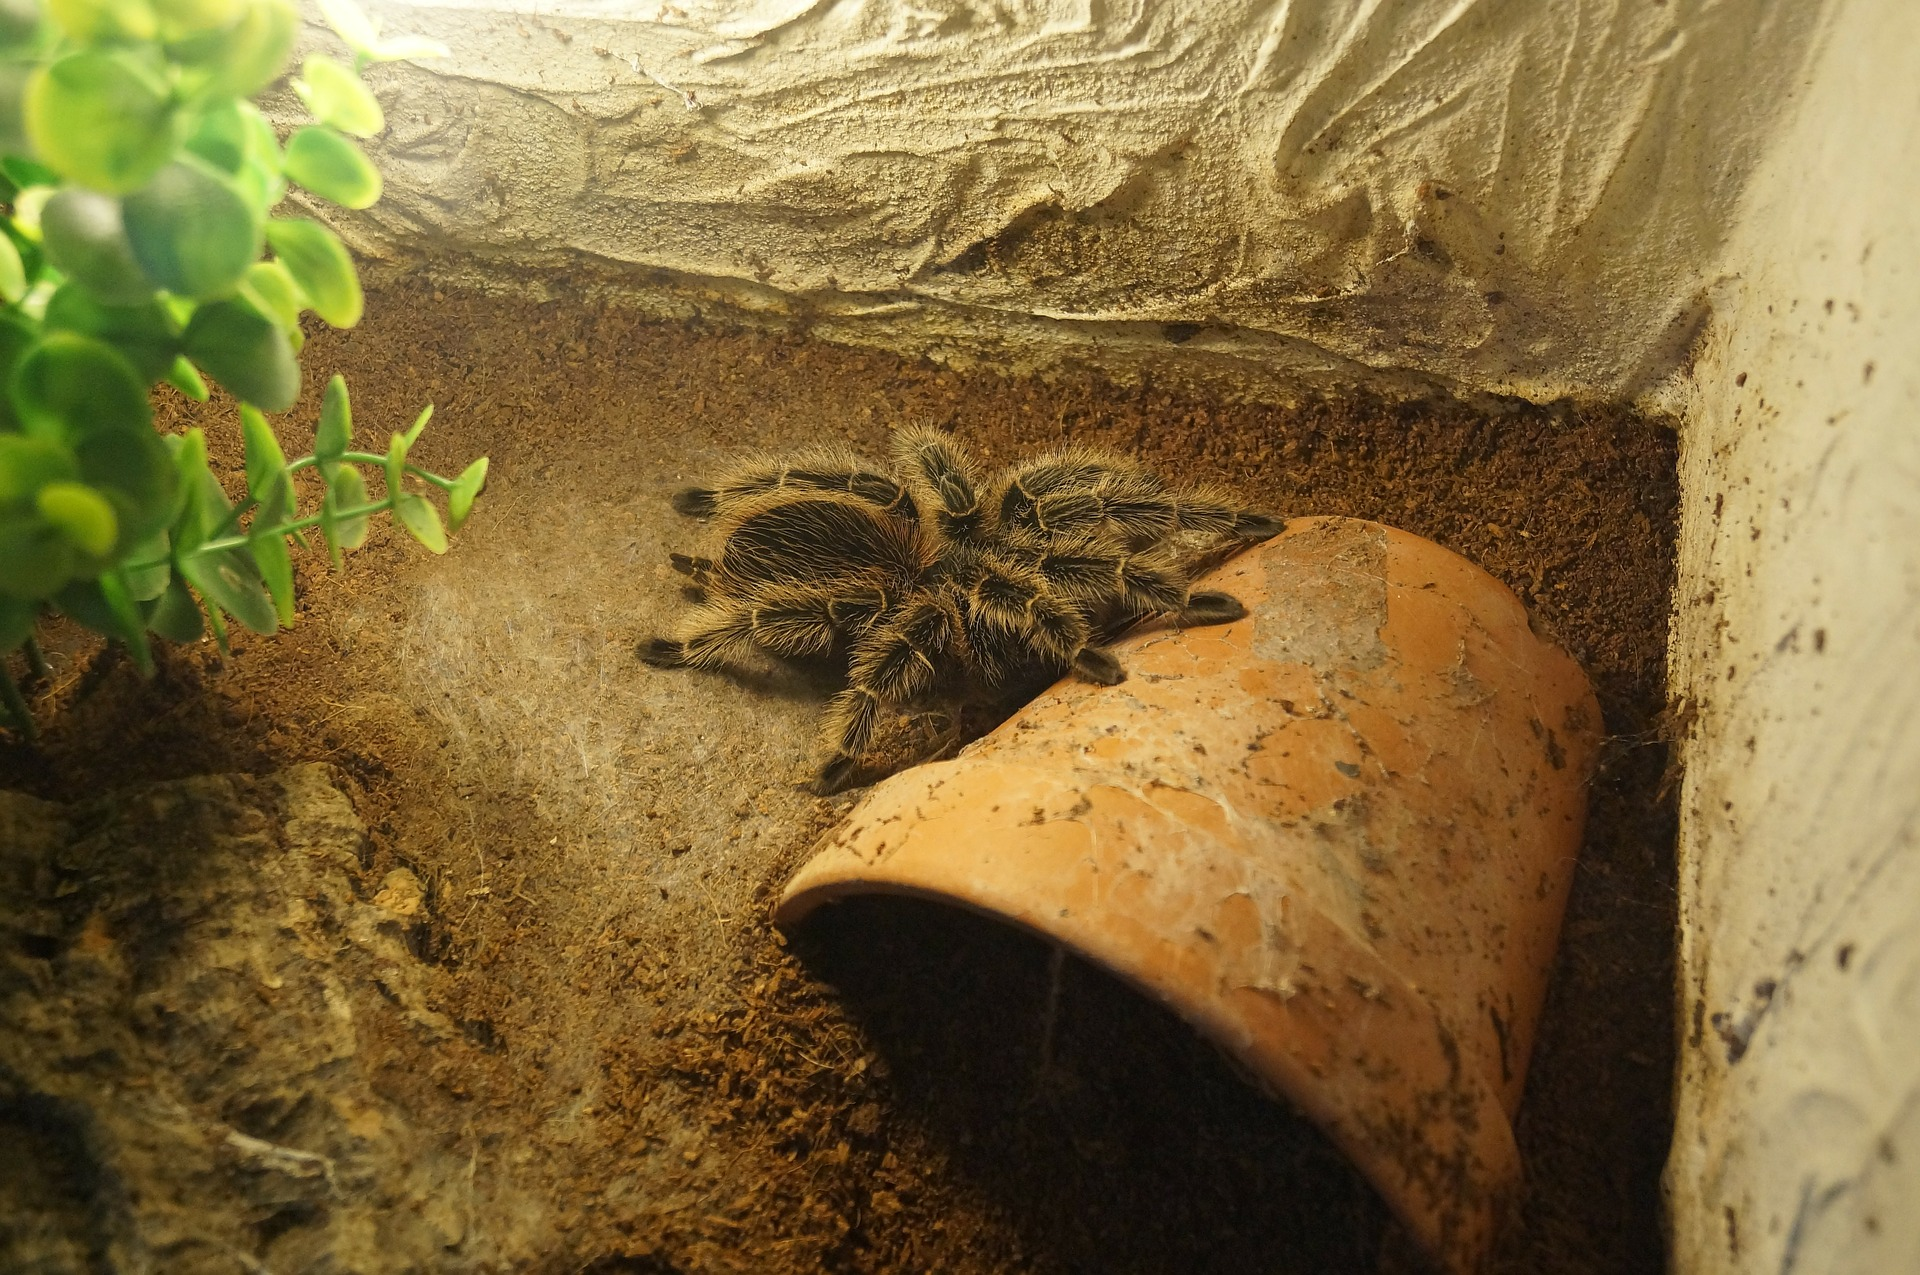 tarantula-336281_1920